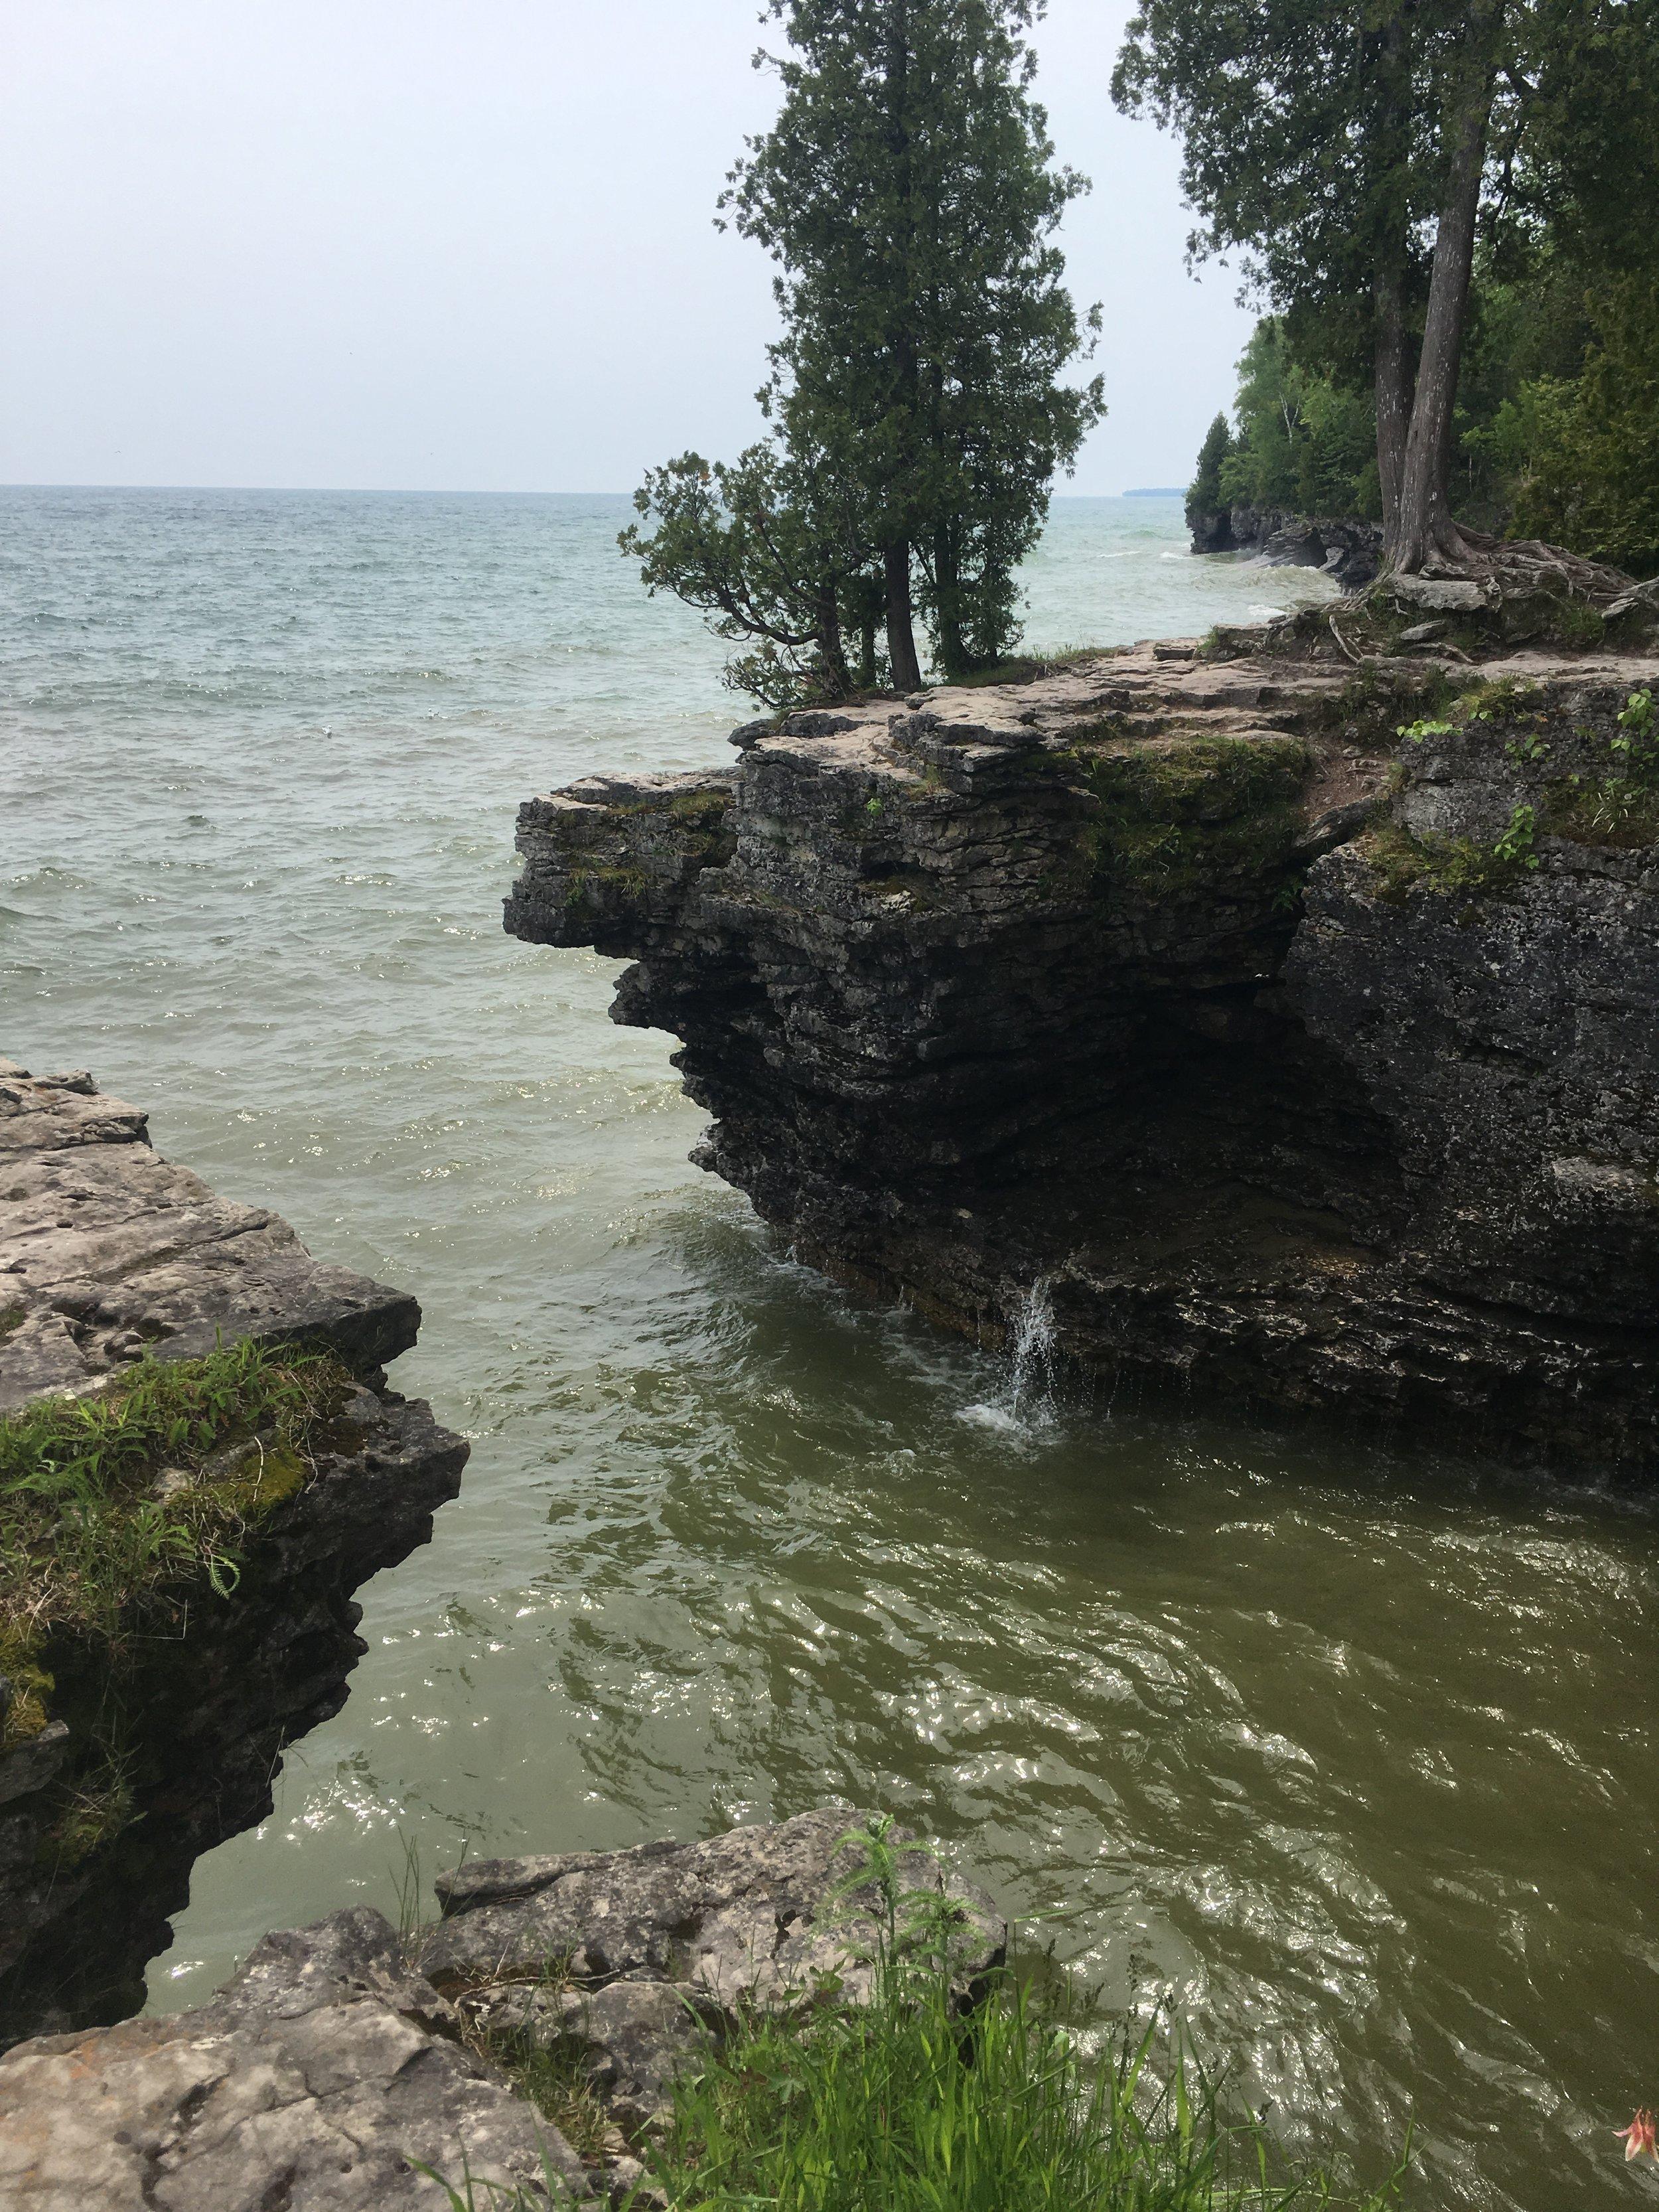 What to do in Door County Wisconsin - Top Things to do in Sturgeon Bay  - Door County Adventure Center